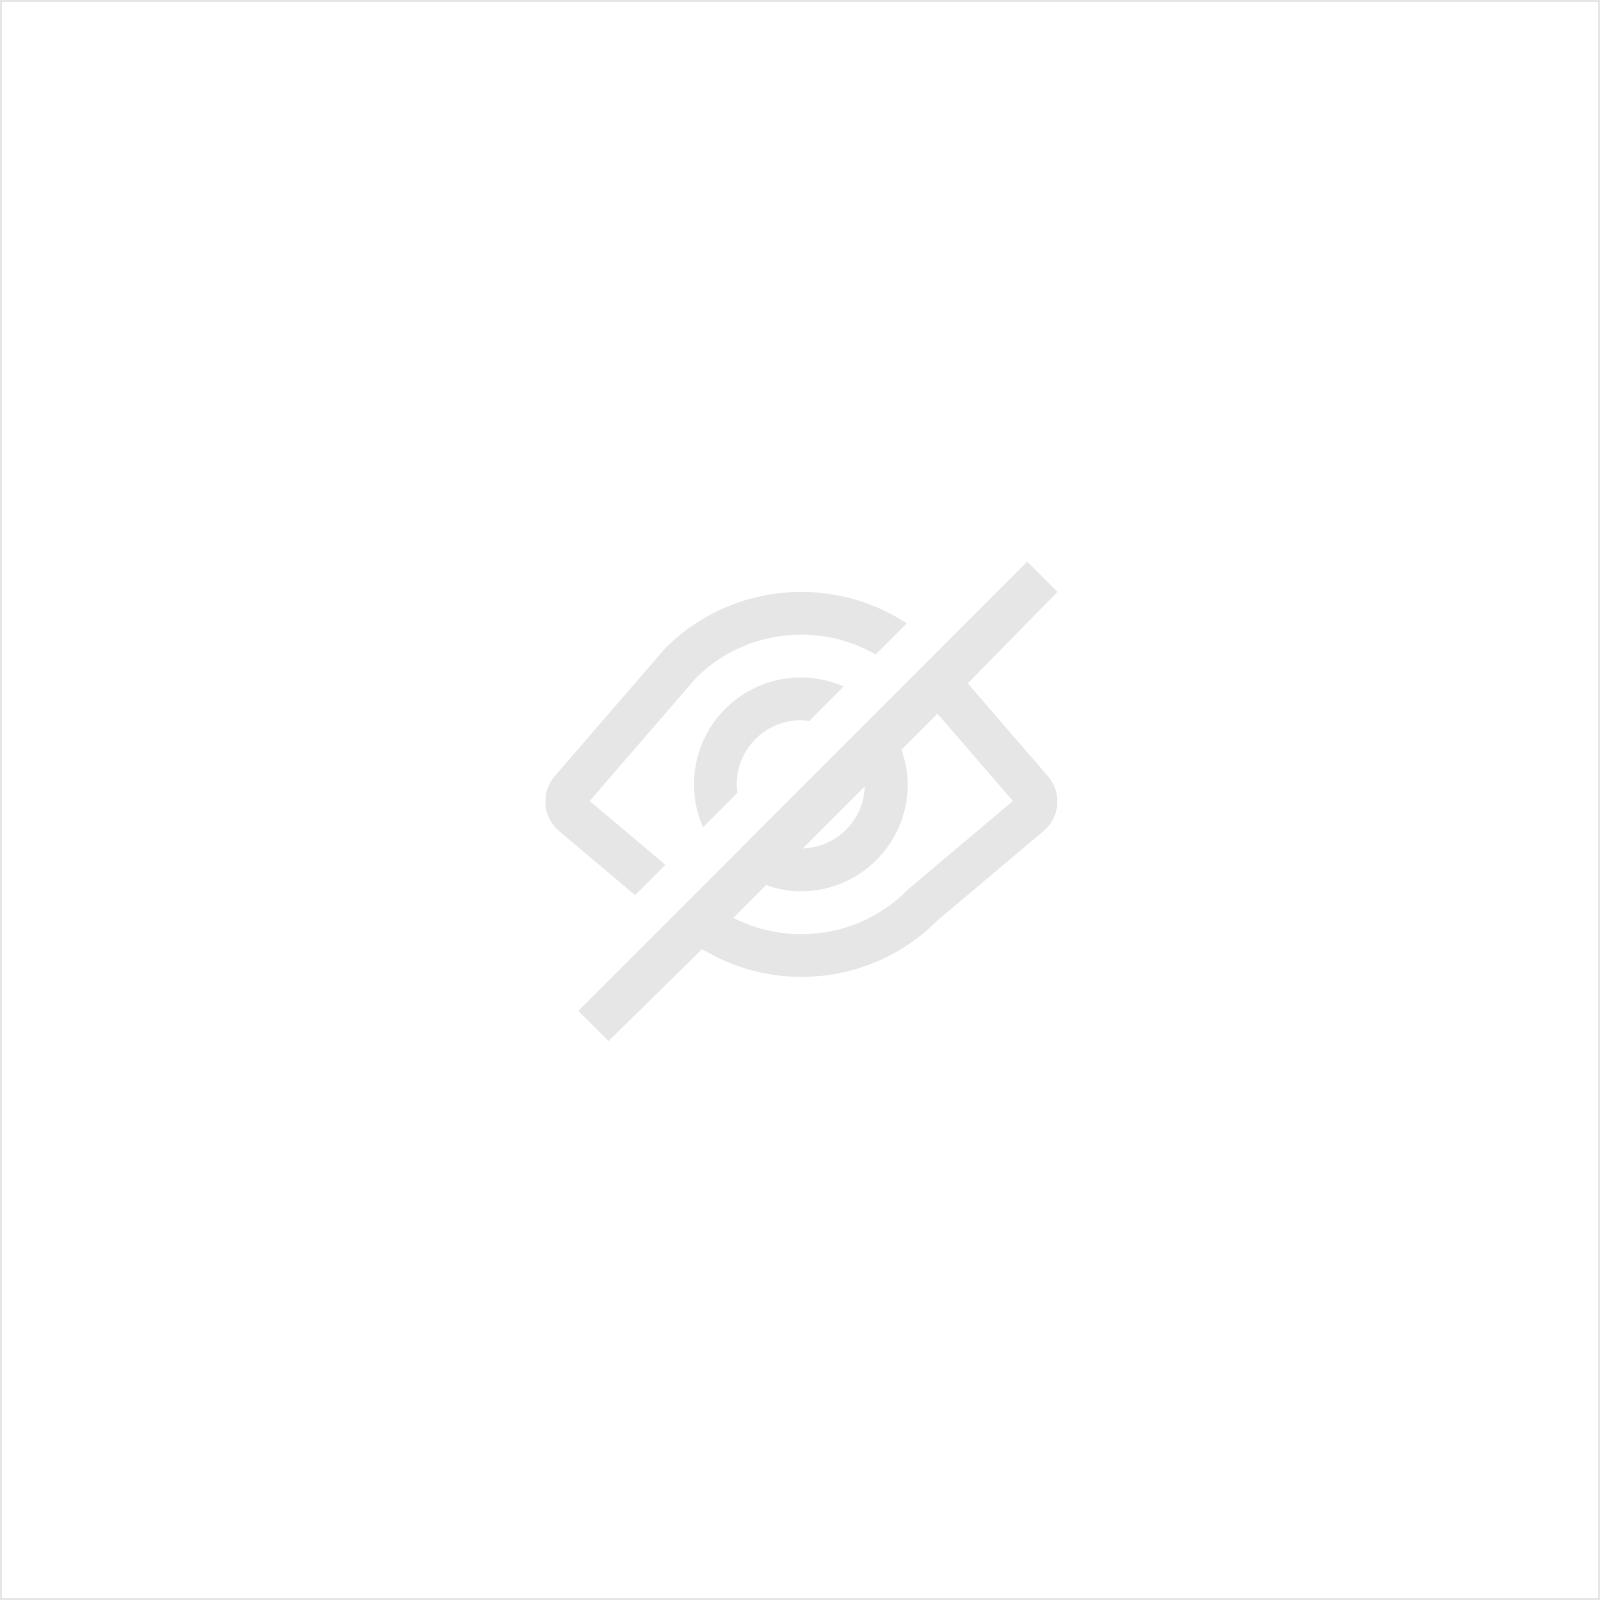 NOVOL VERHARDER VOOR BLANKE LAK (ACRYL) 0,8 L (65161)